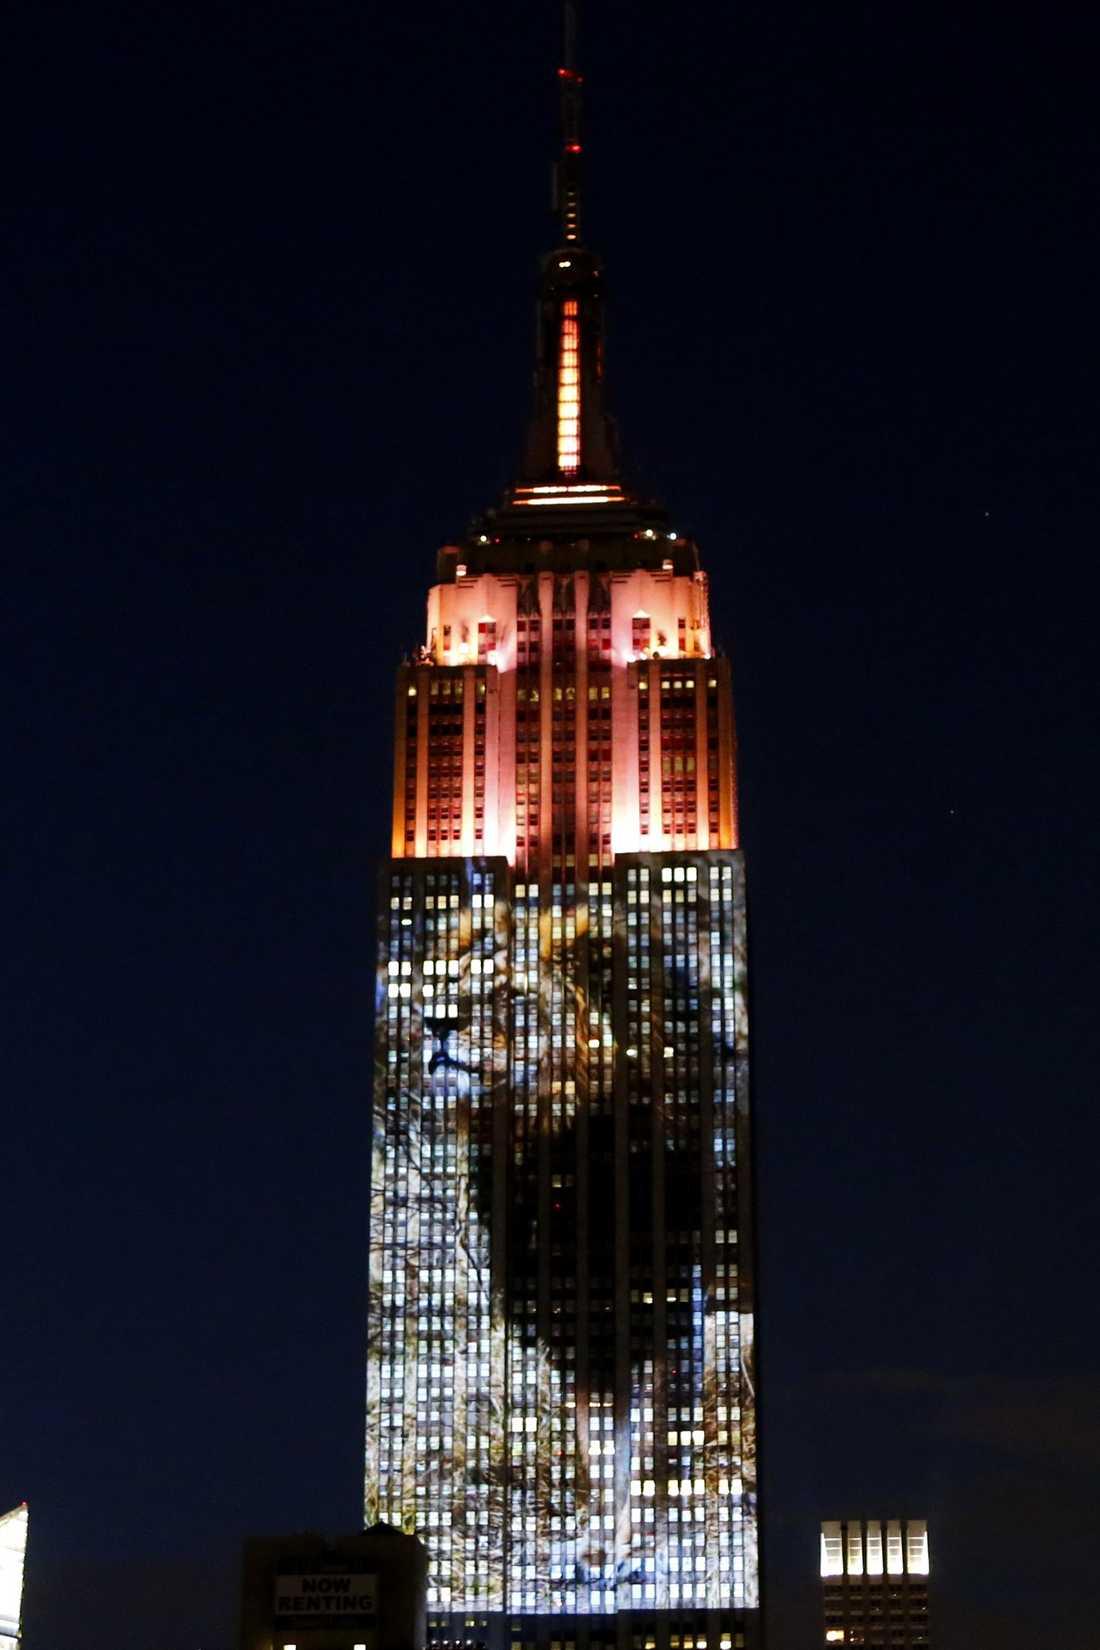 Projektionen täckte 33 våningar på en av New Yorks mest kända skyskrapor.